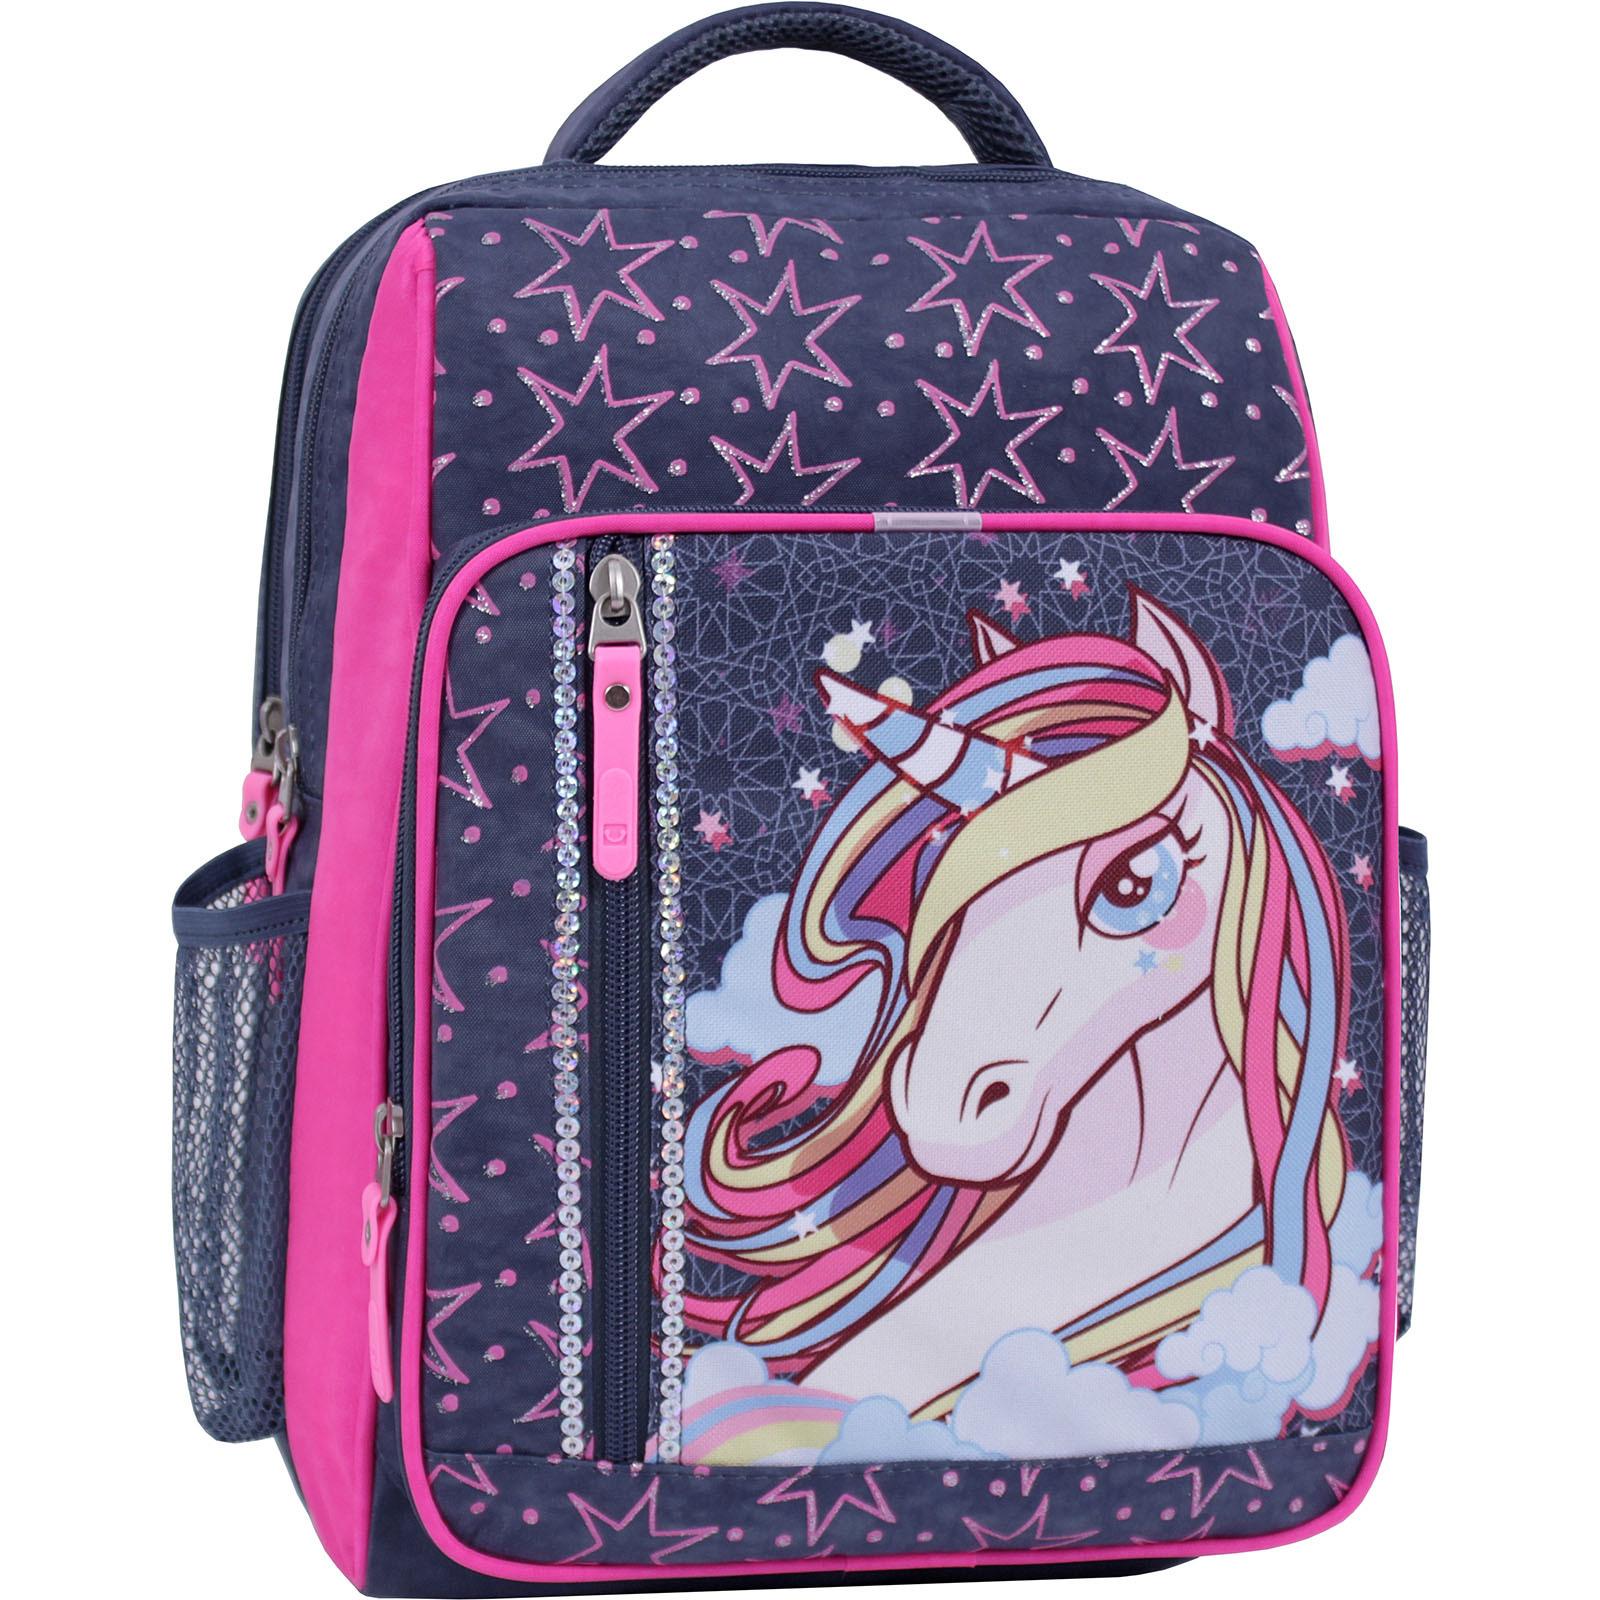 Рюкзак школьный Bagland Школьник 8 л. 321 серый 511 (0012870) фото 1